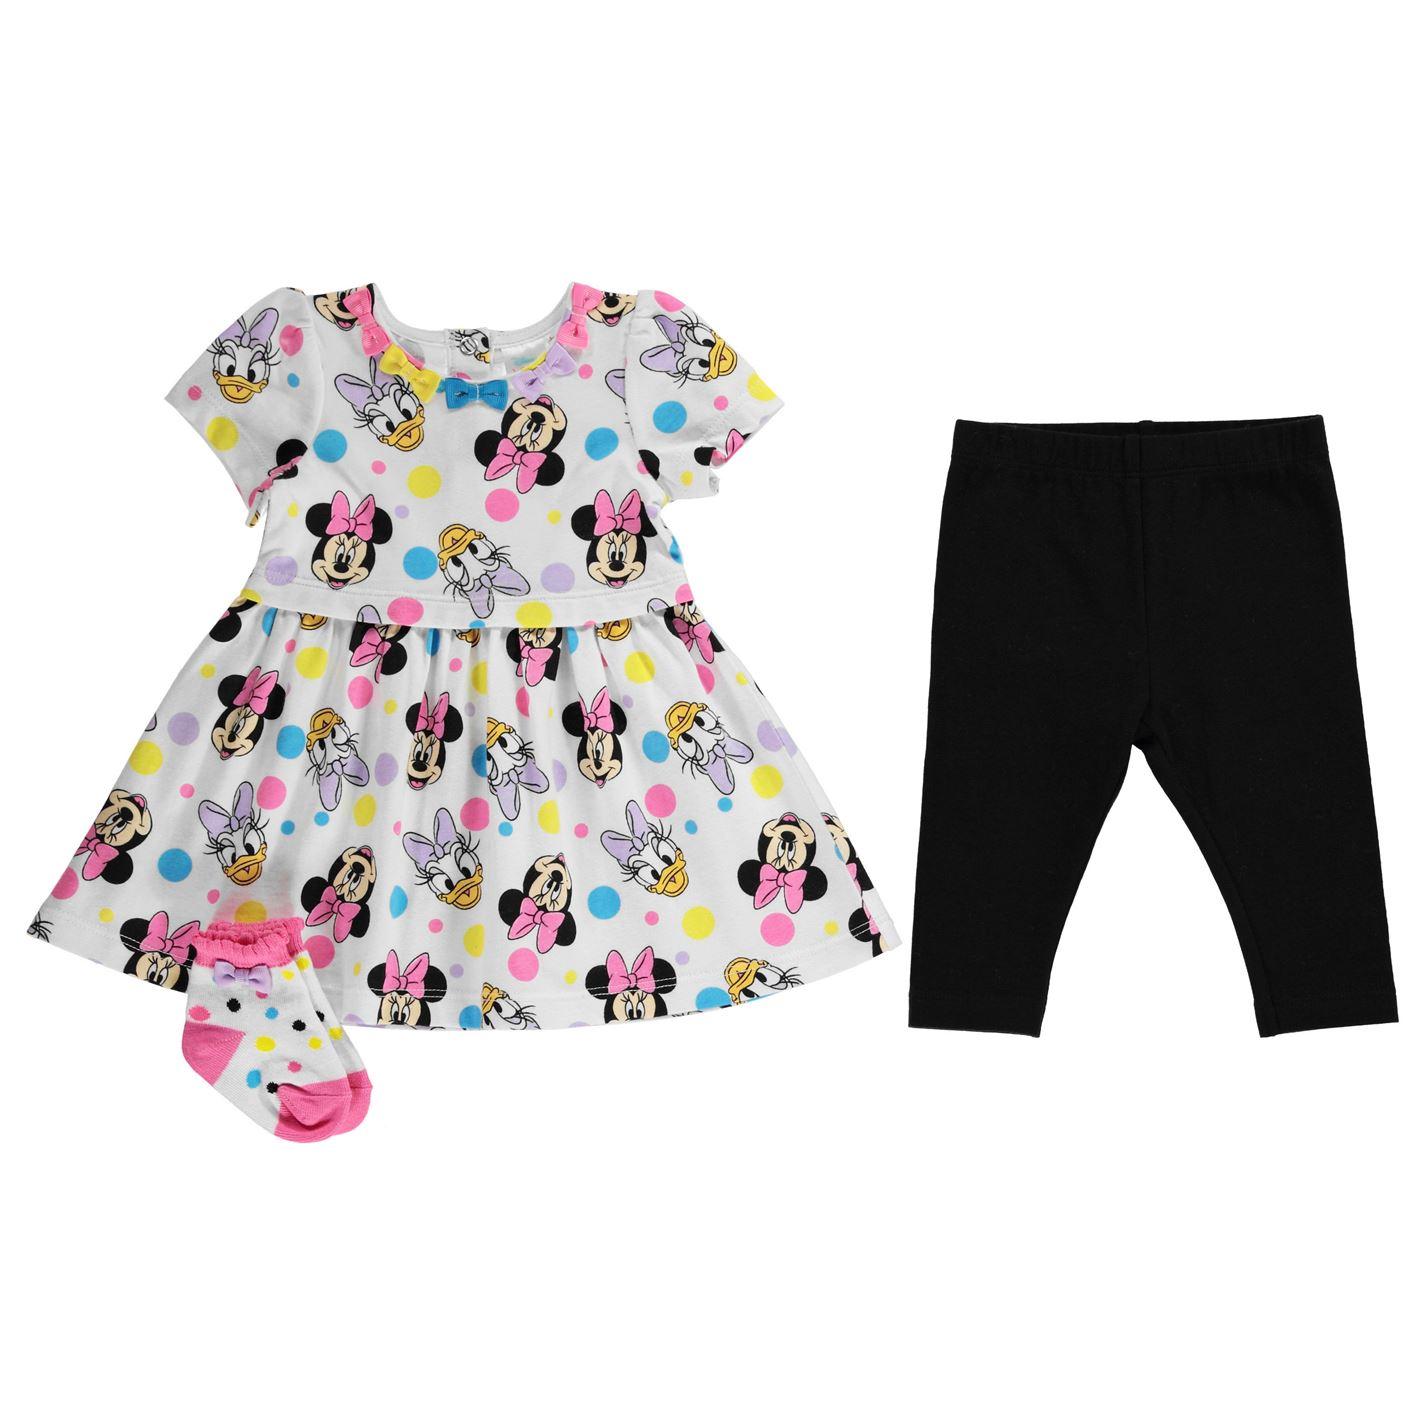 Rochie 3 Piece pentru fete pentru Bebelusi cu personaje